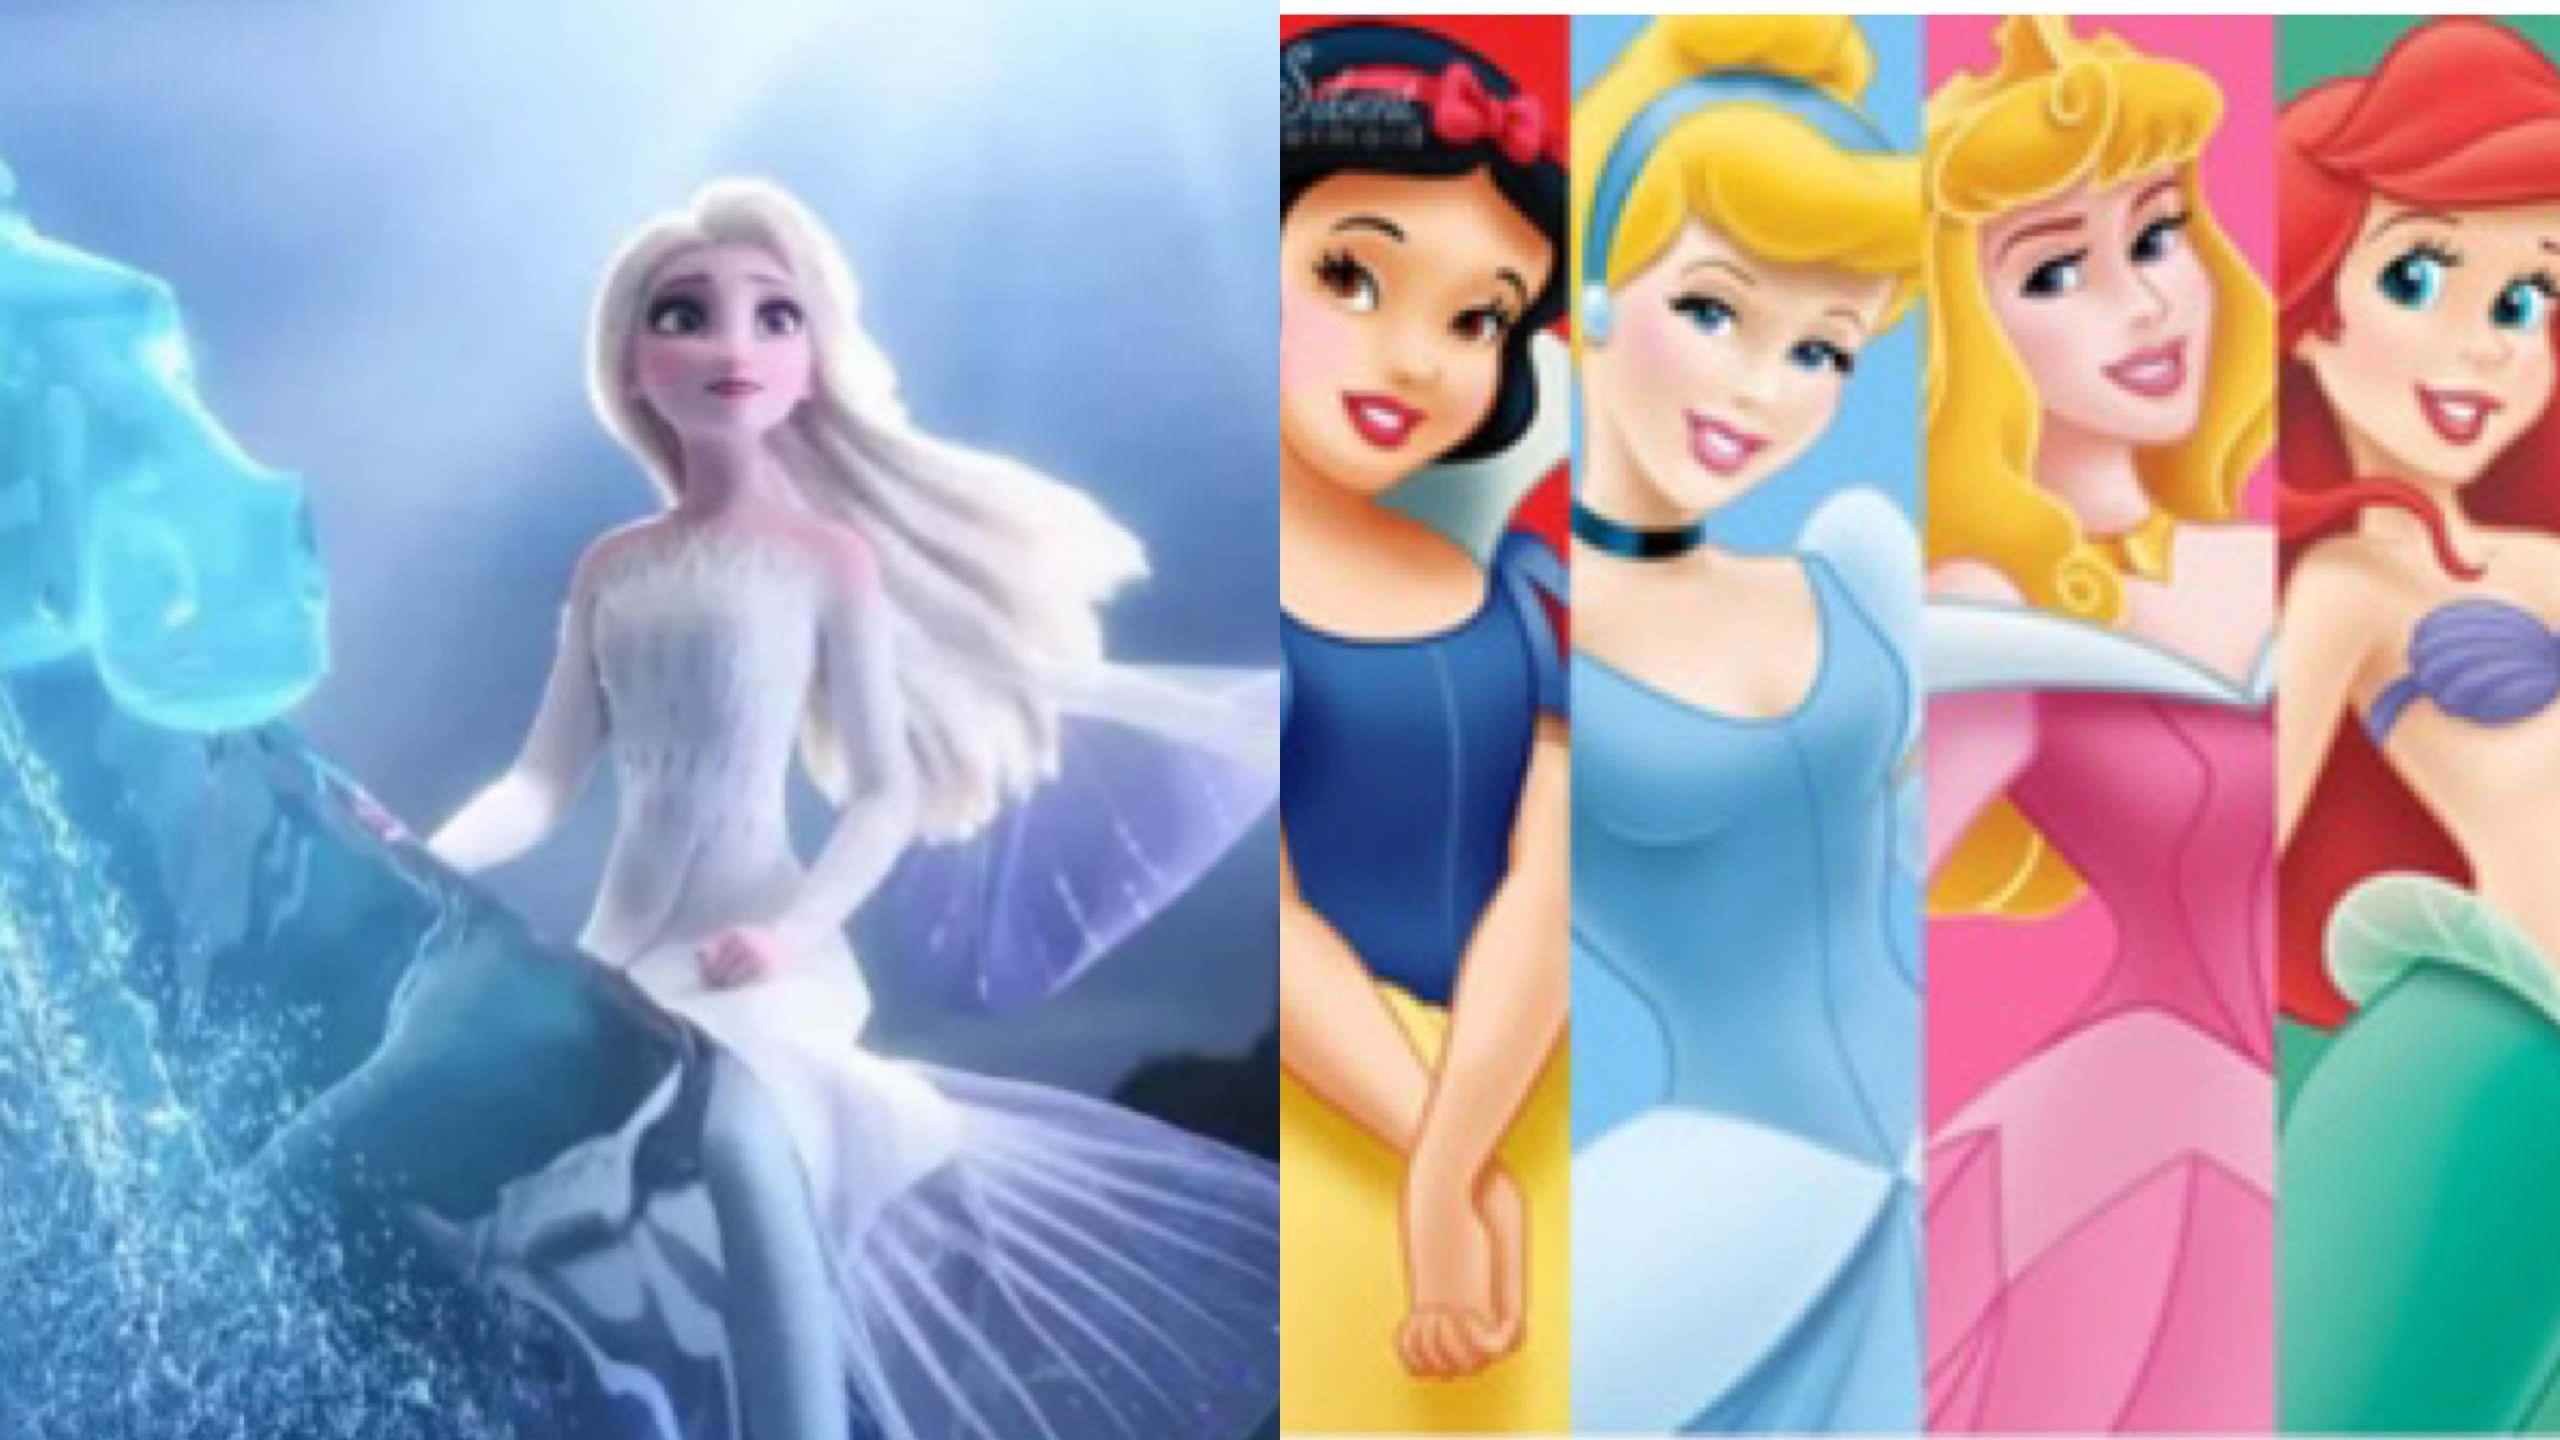 「為什麼大家喜歡艾莎,勝過於其他迪士尼公主?」迪士尼這 4 個設定才是成功的原因!—《冰雪奇緣2》—